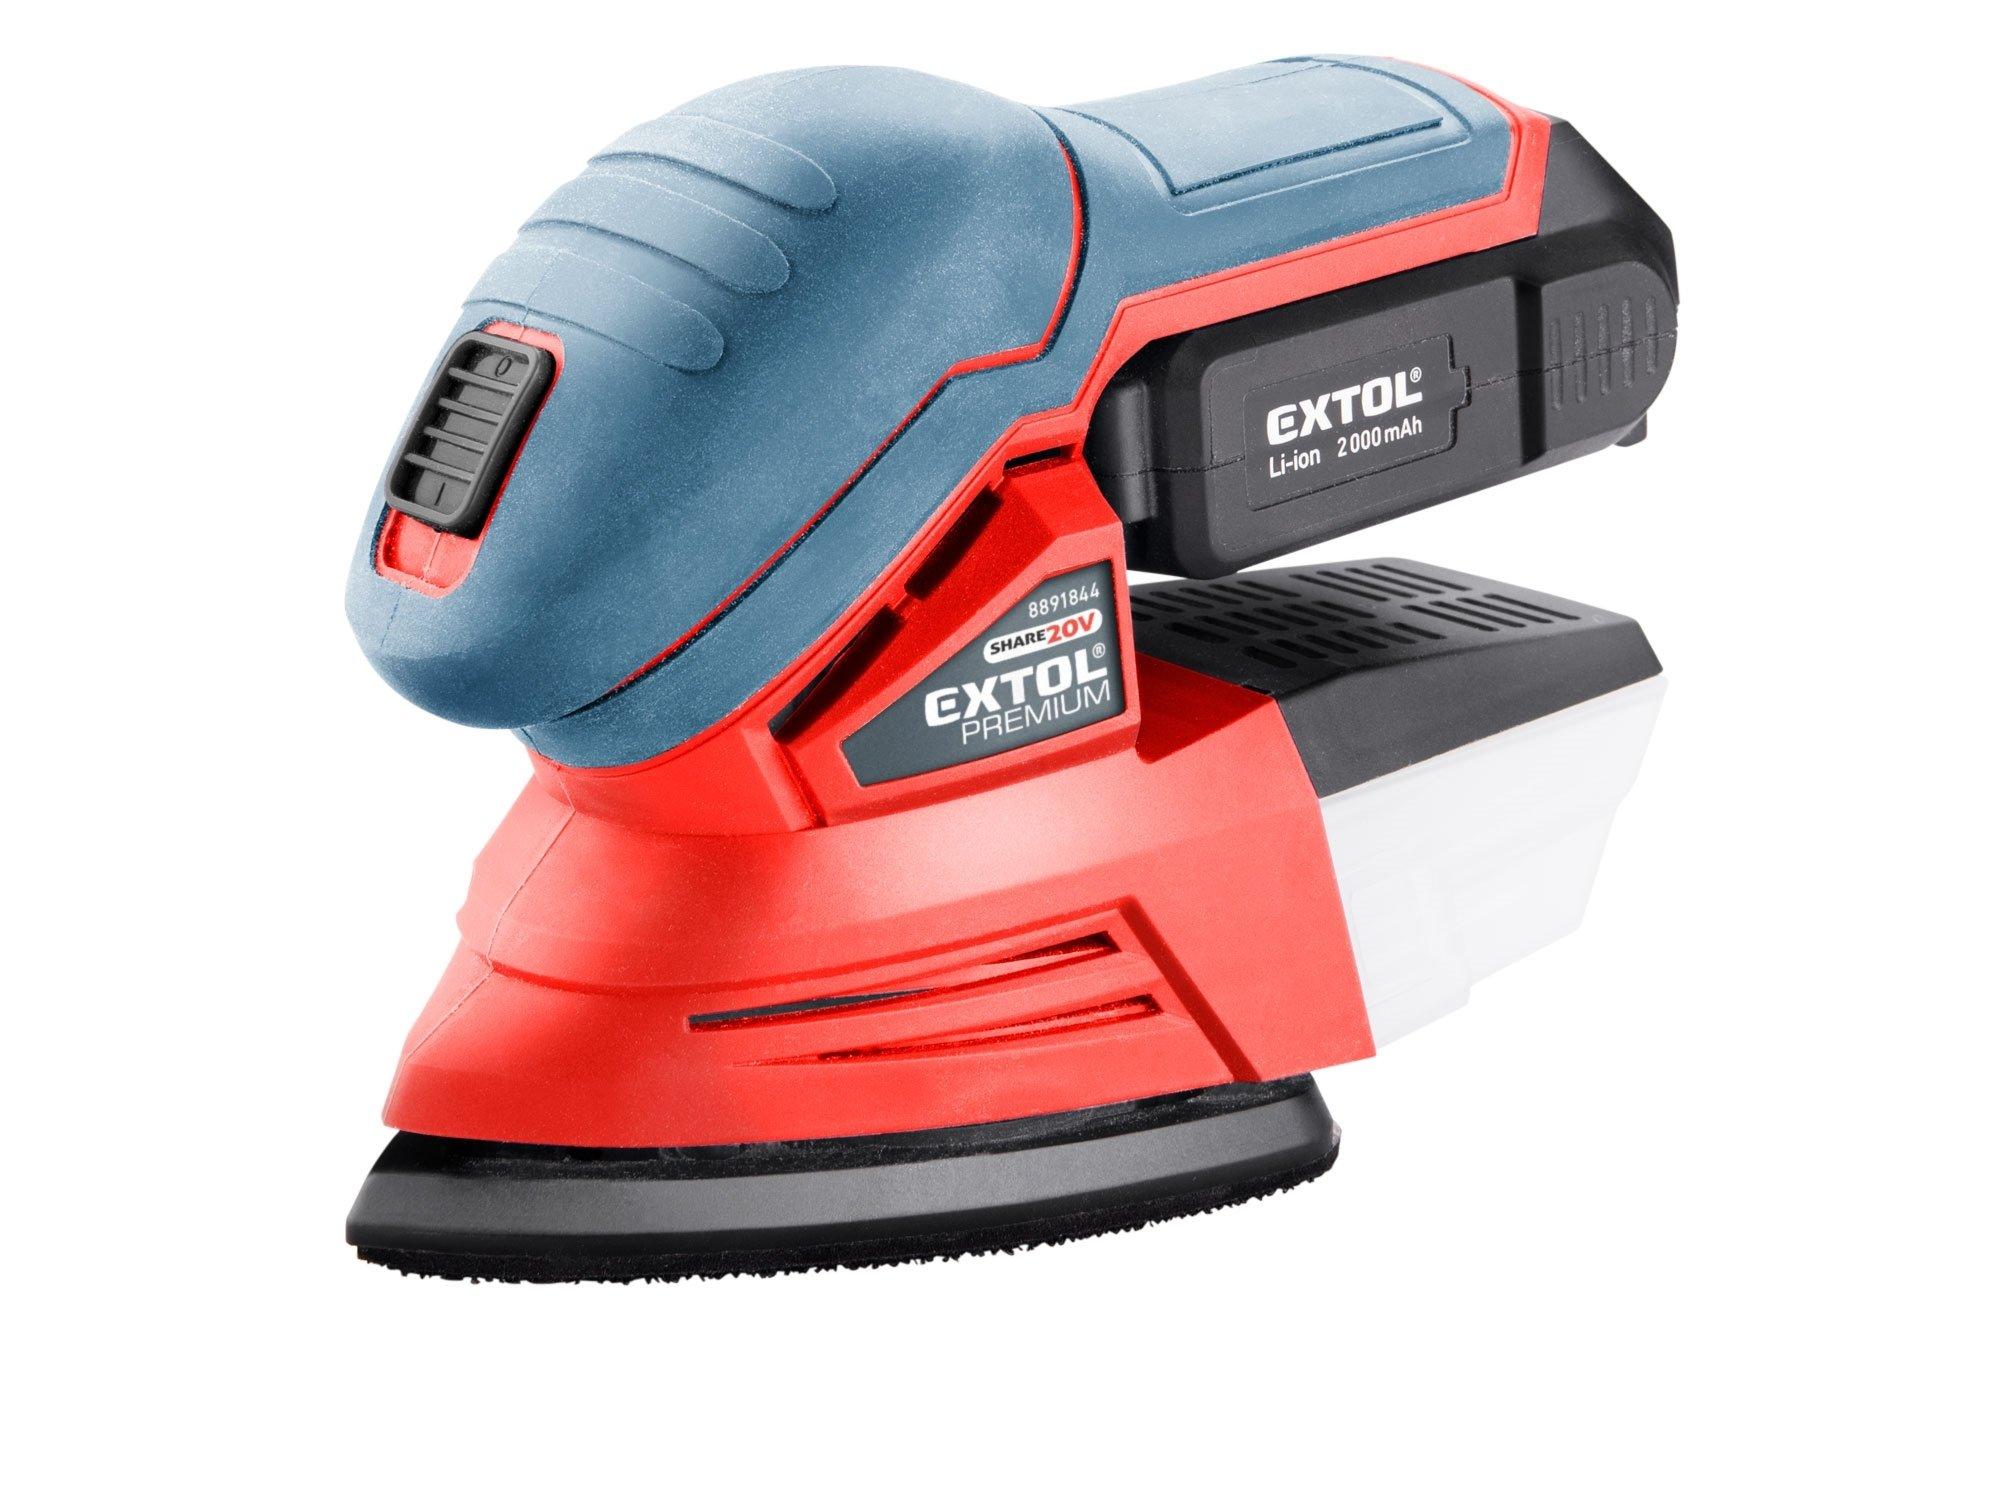 Extol Premium 8891844 SHARE20V aku vibrační bruska 1x2Ah